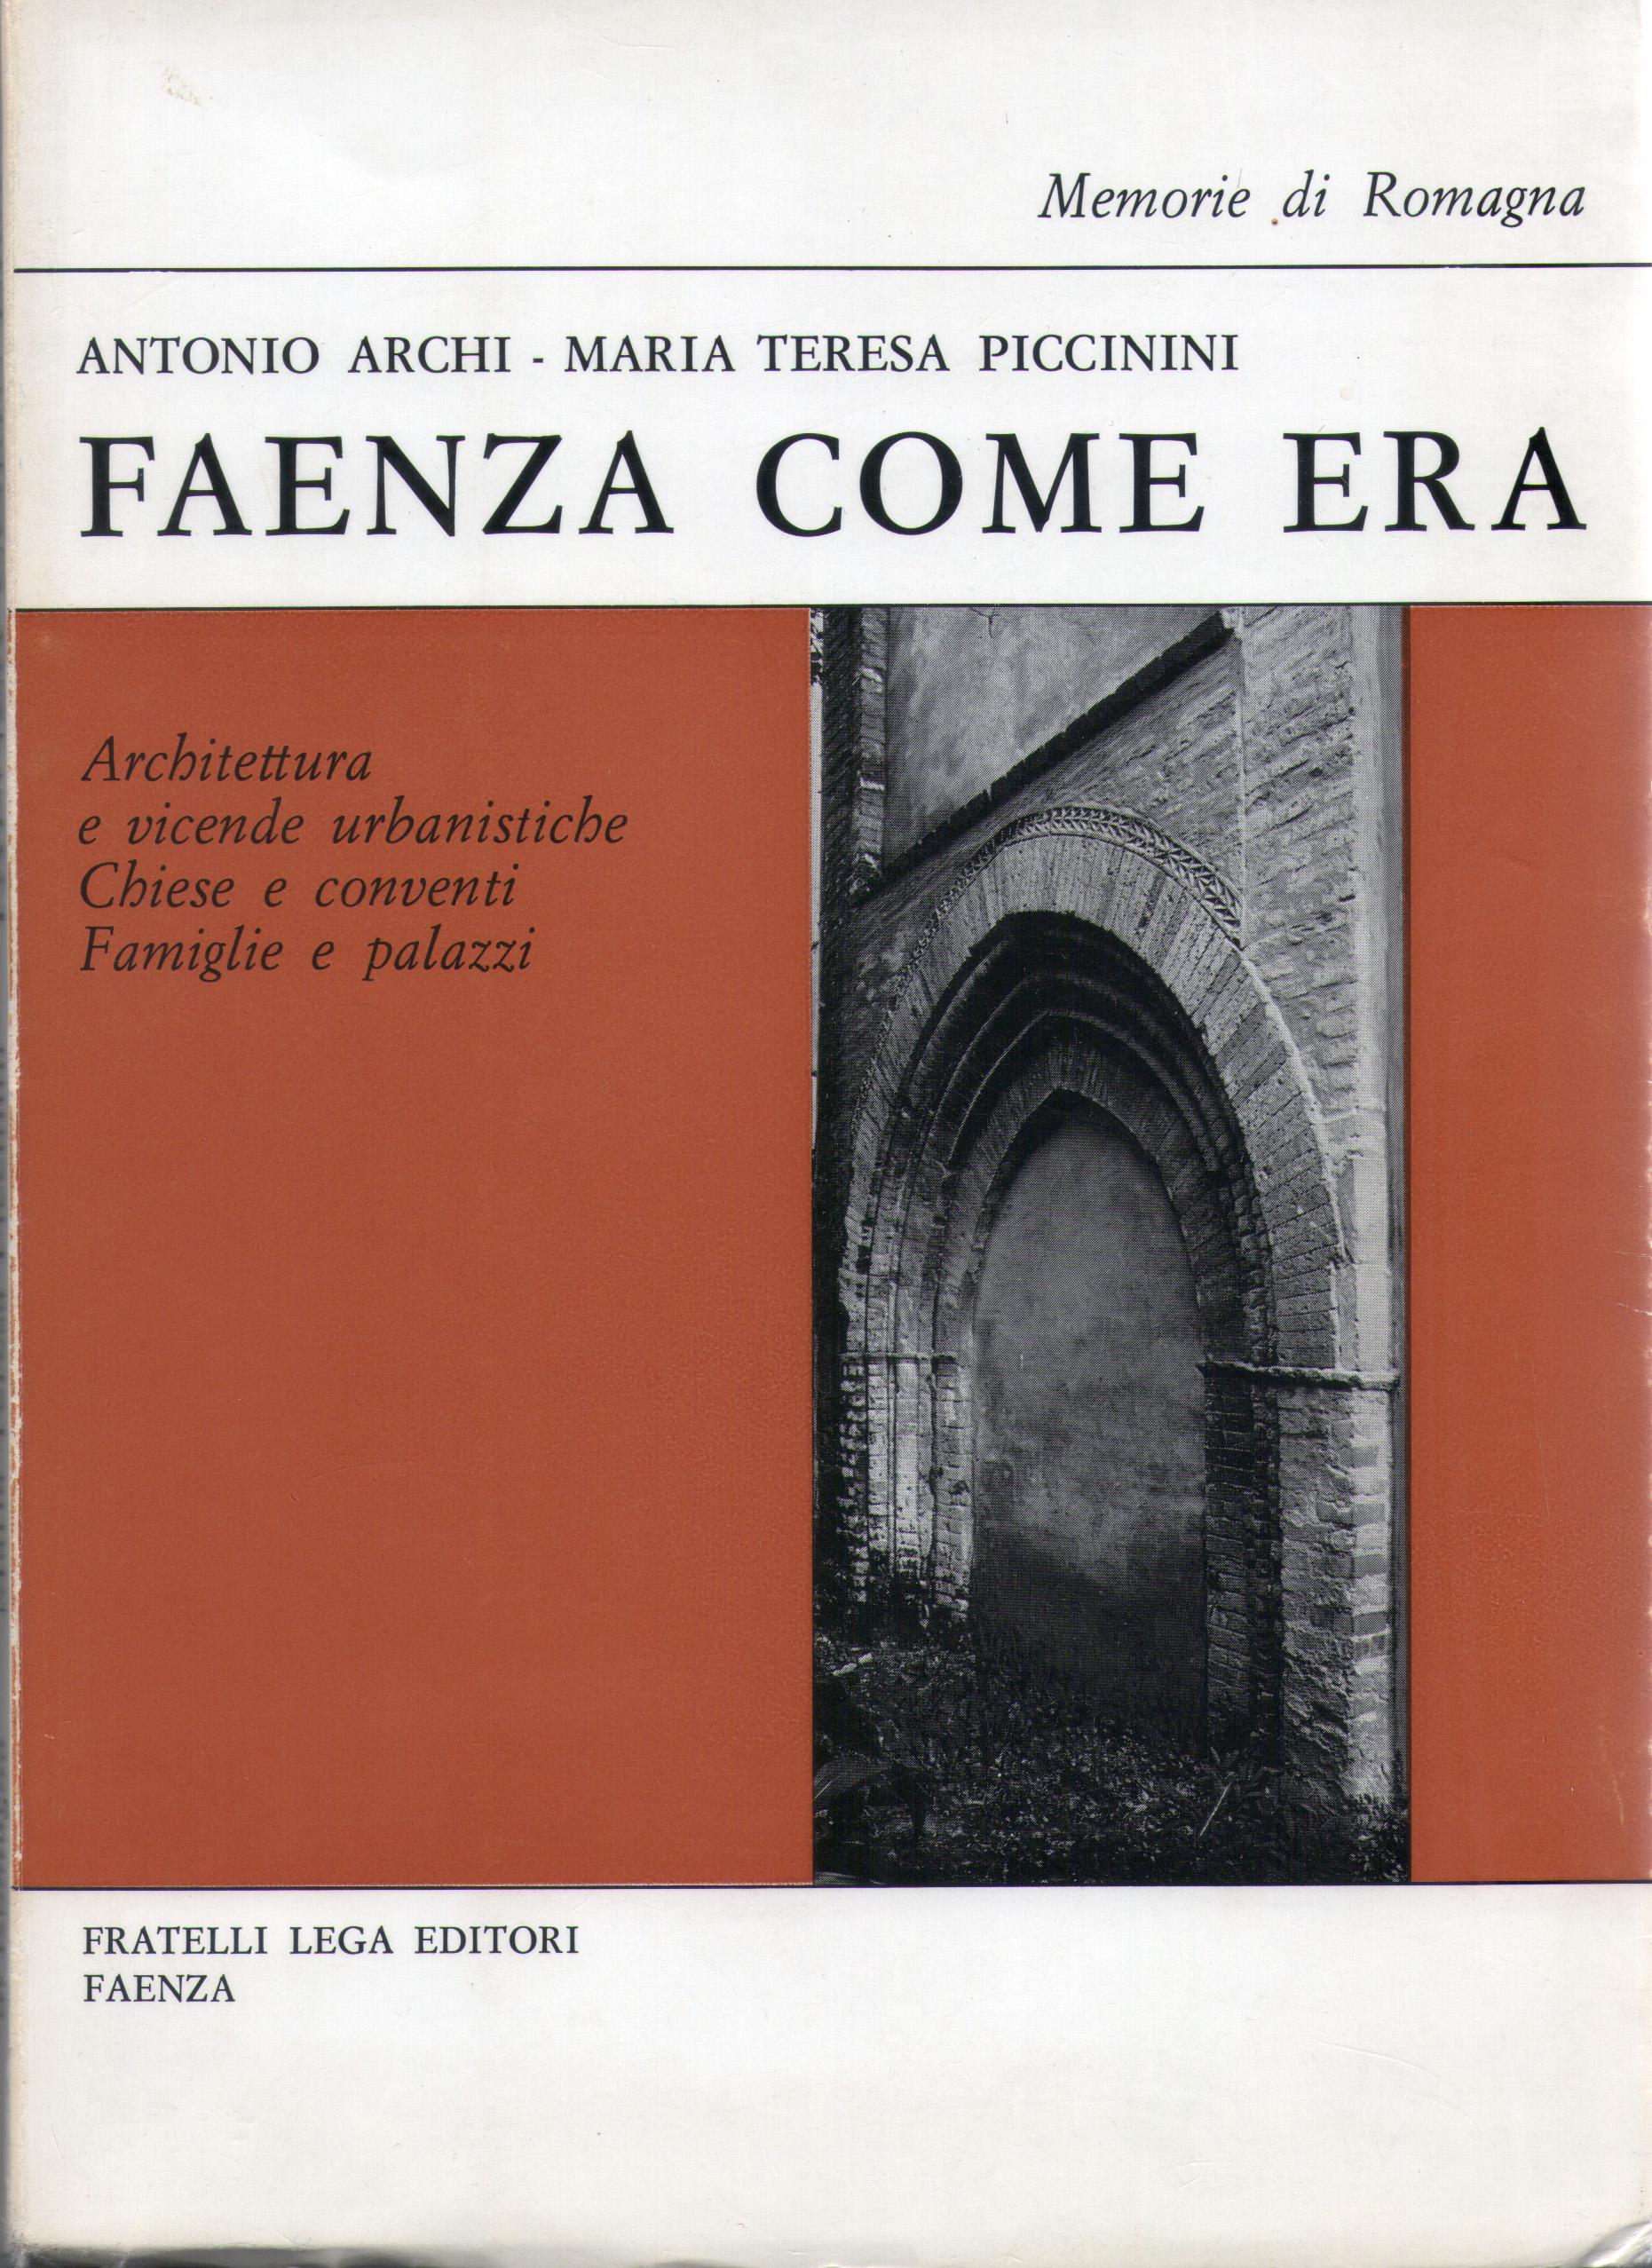 Faenza come era